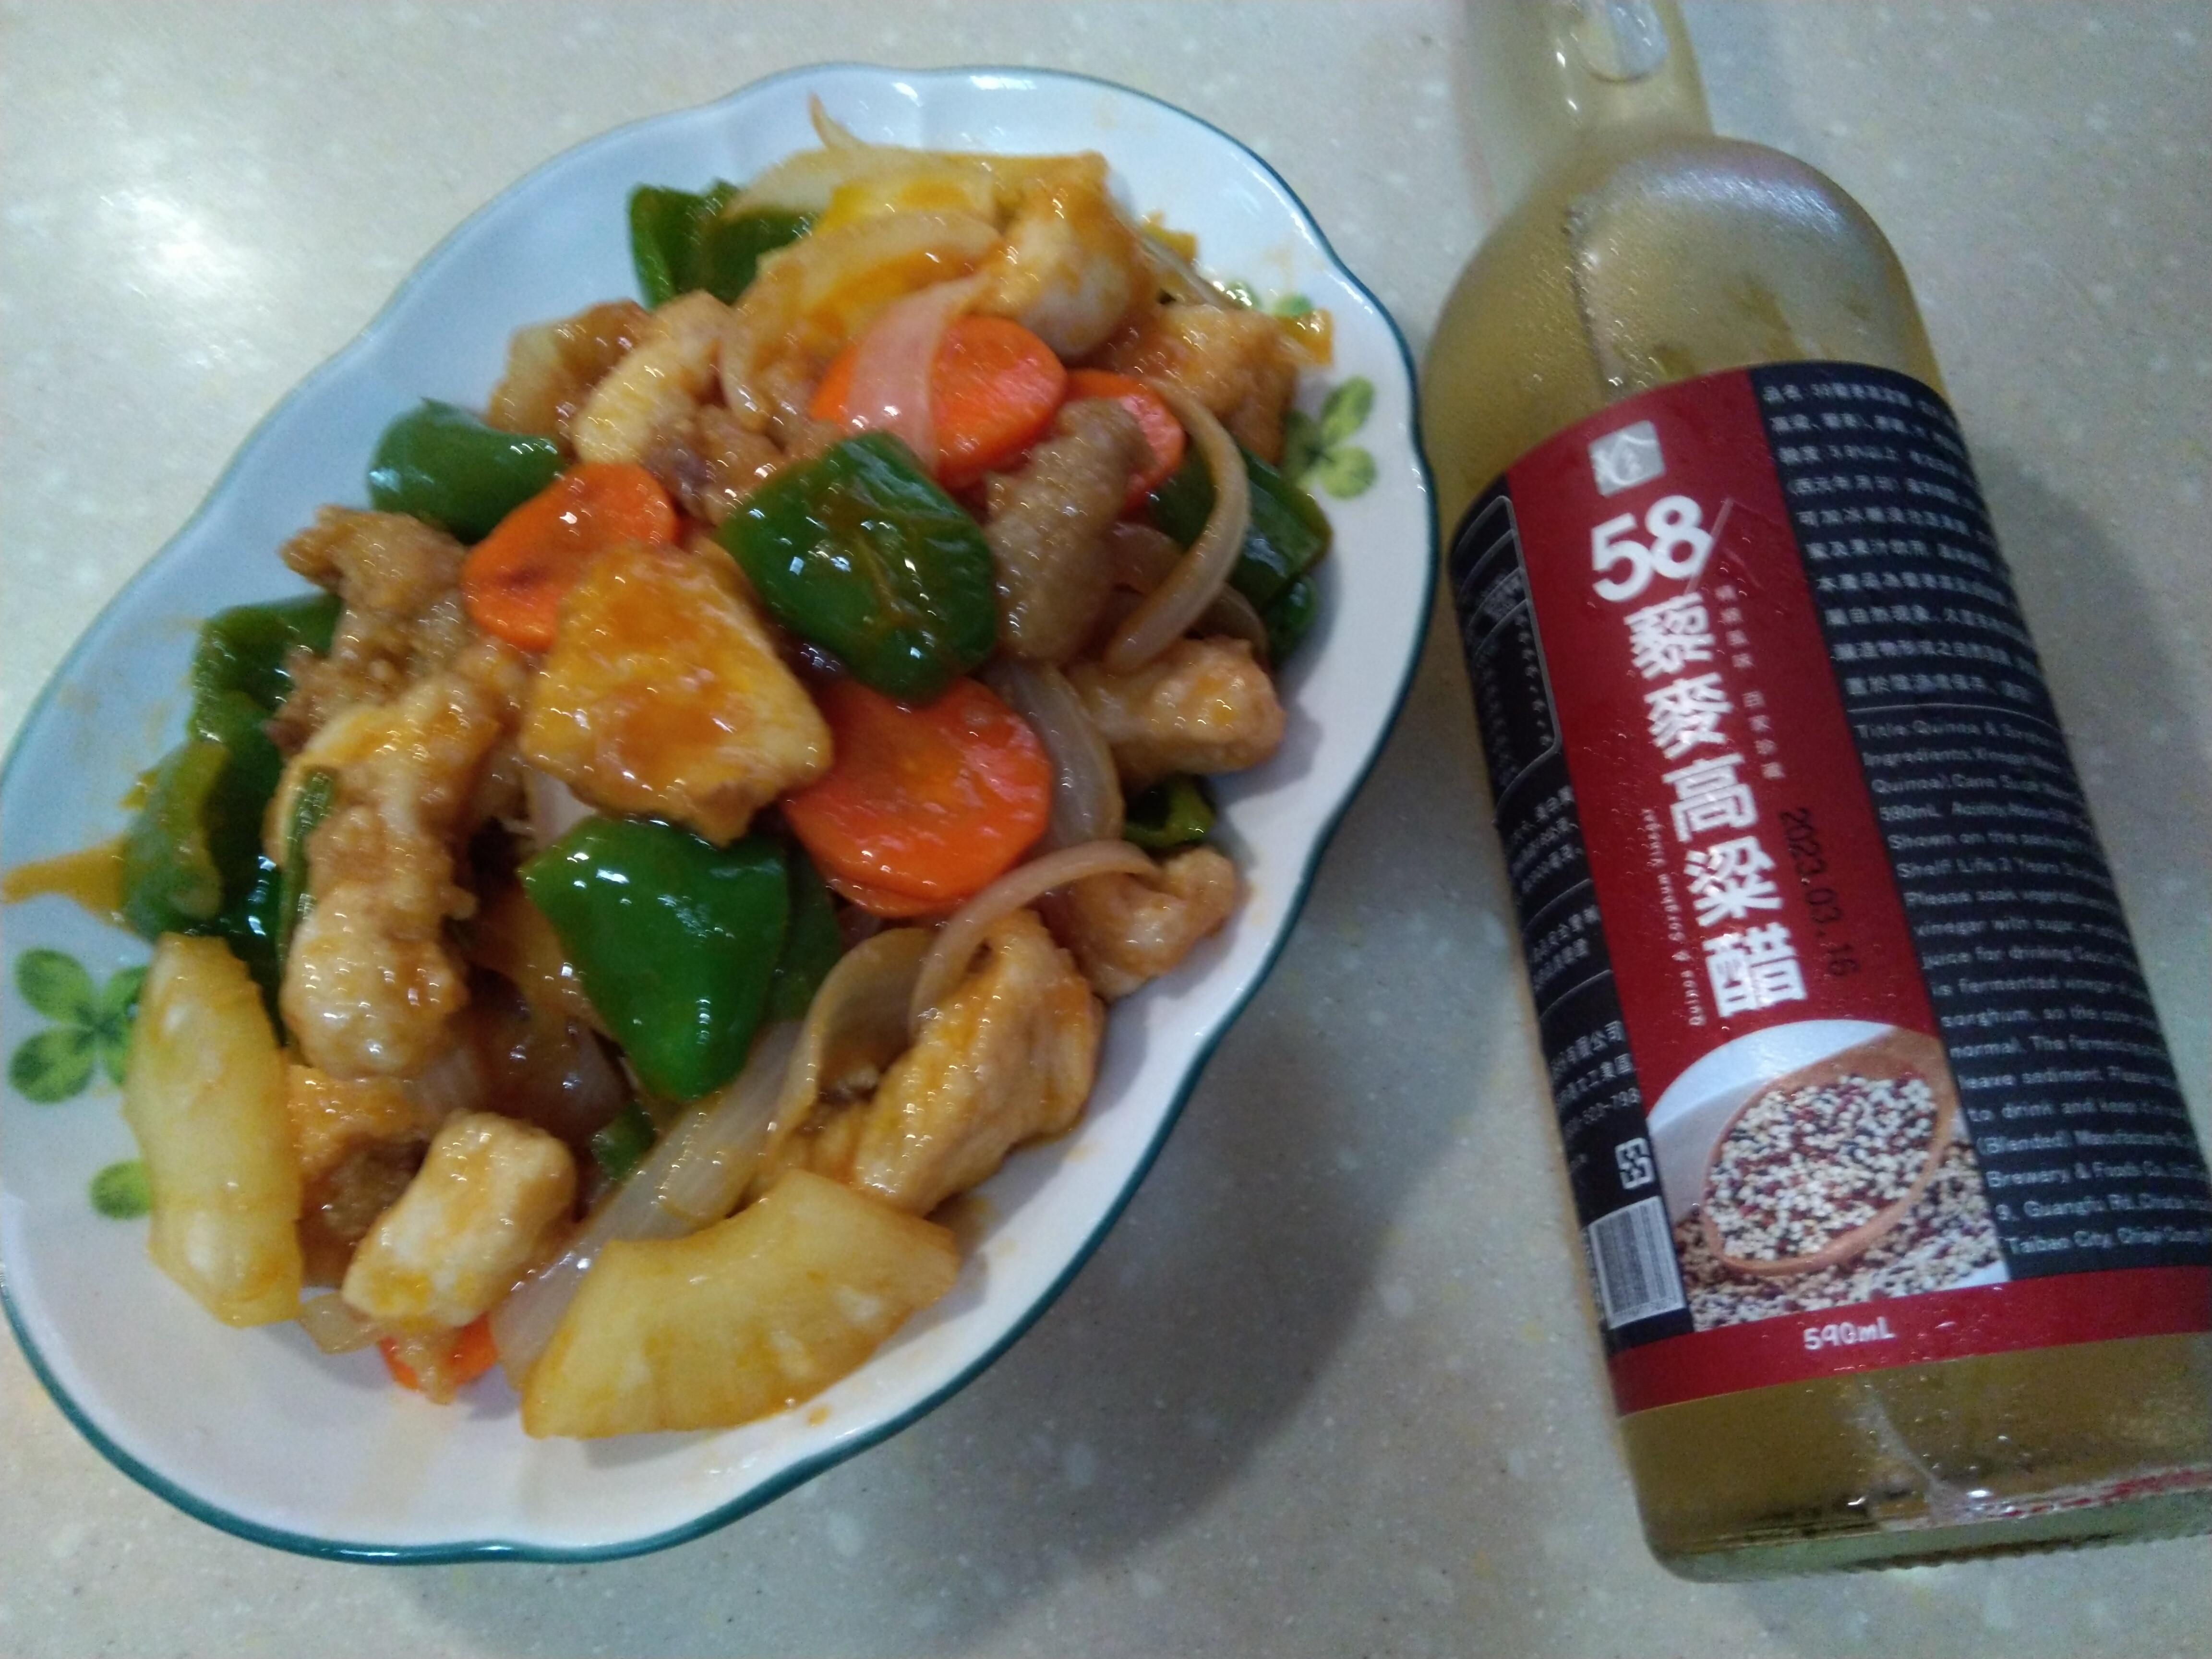 鳳梨糖醋雞【58藜麥高粱醋】